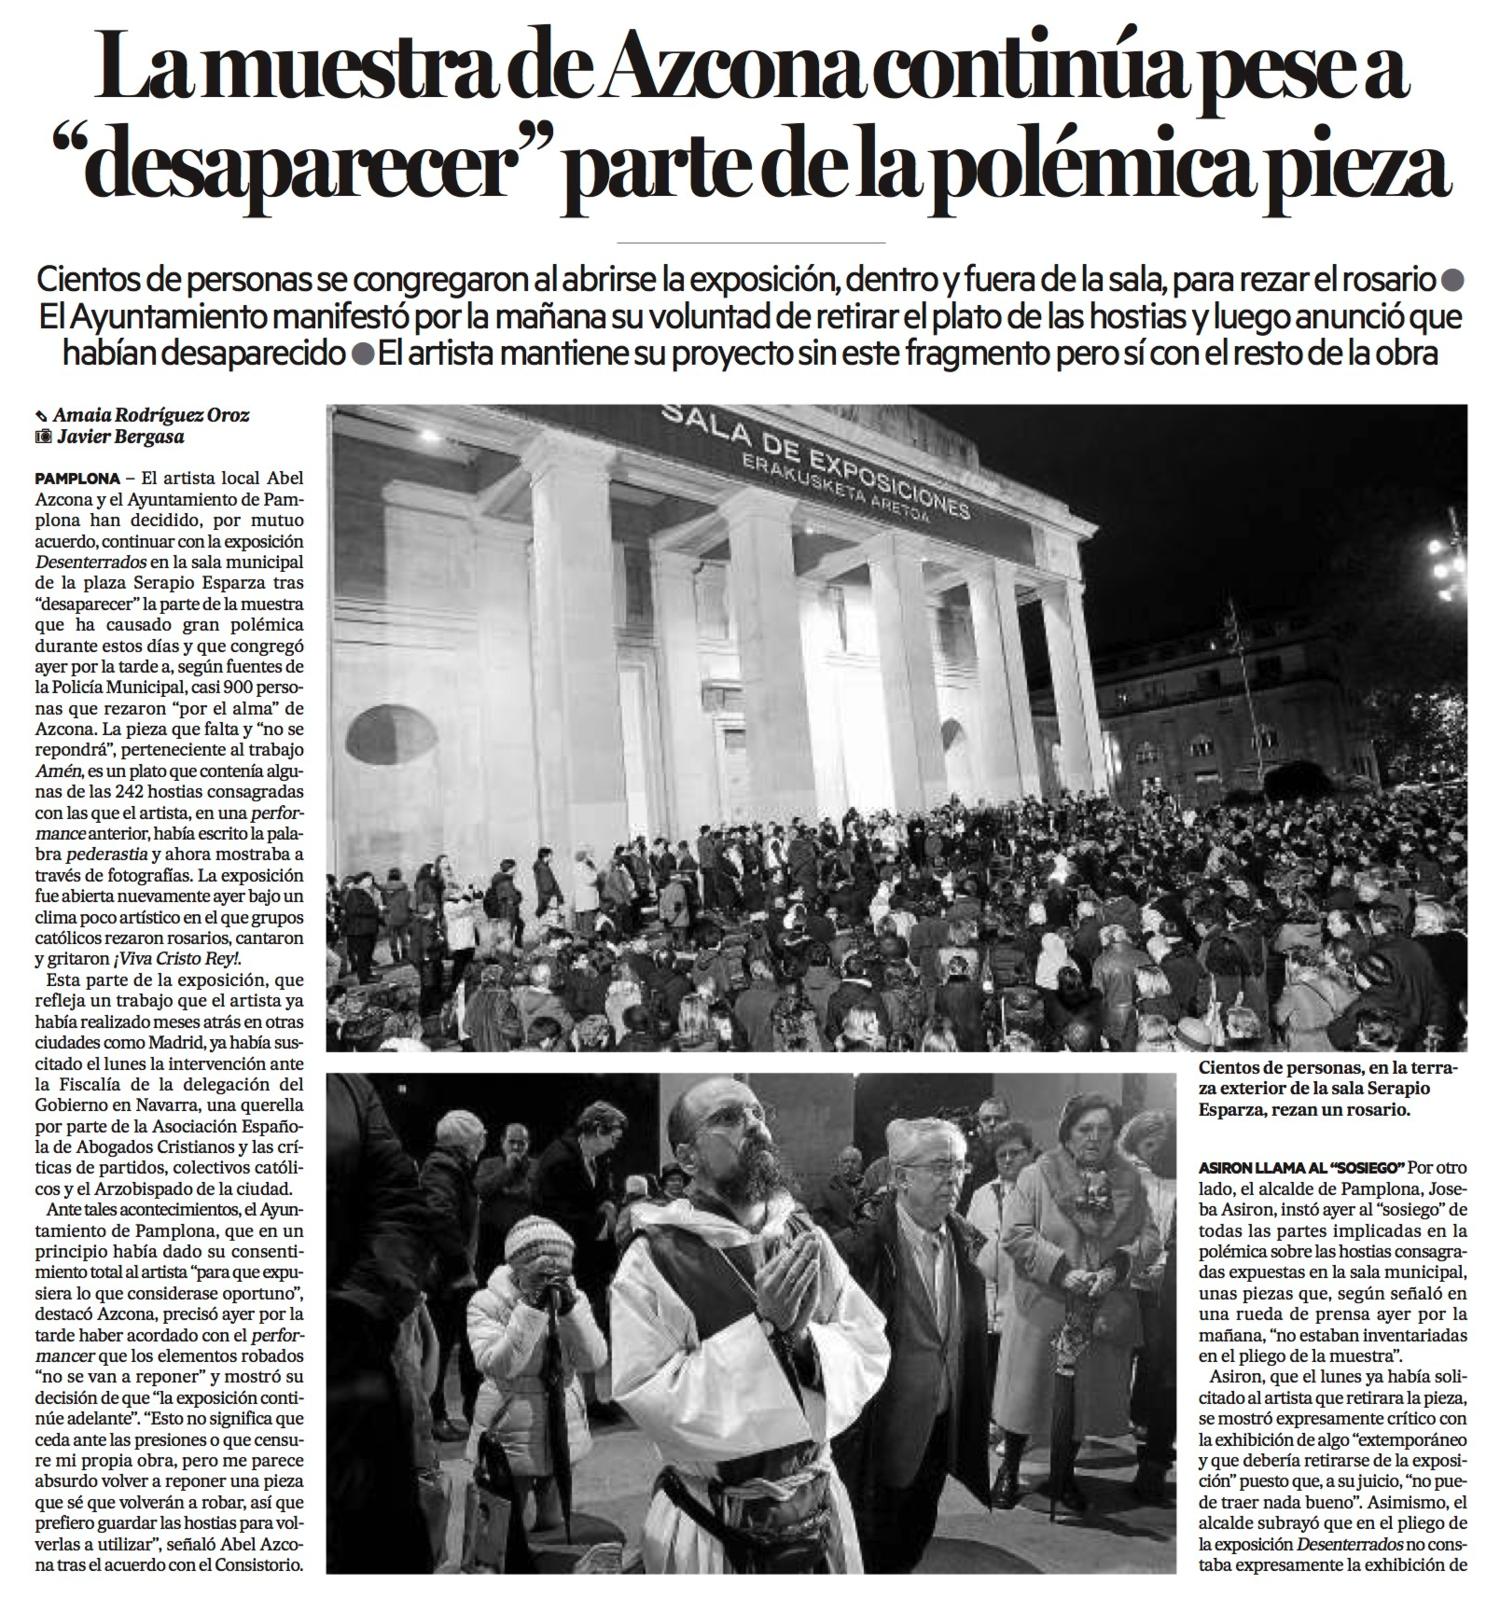 Miércoles, 25 de Noviembre de 2015. Diario de Noticias de Navarra.